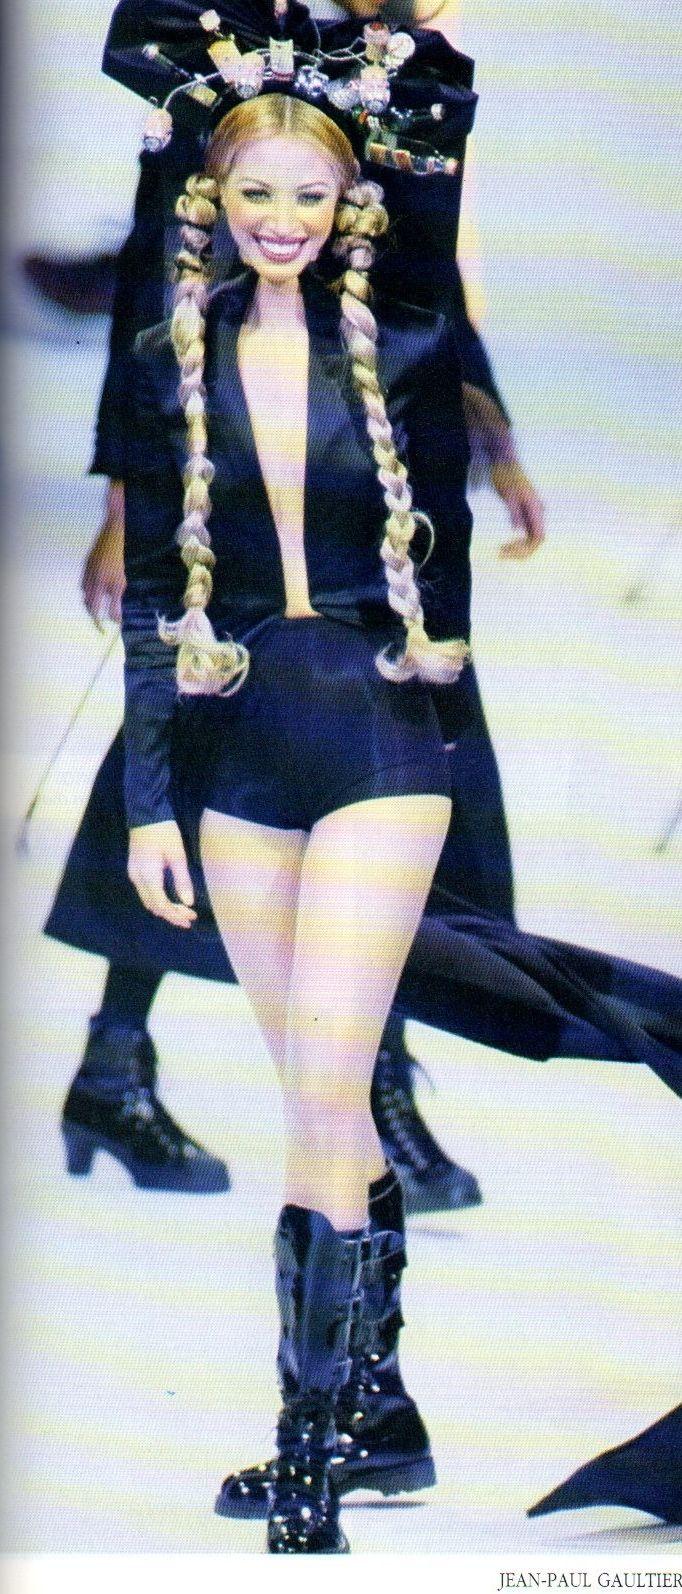 Christy Turlington: Jean Paul Gaultier